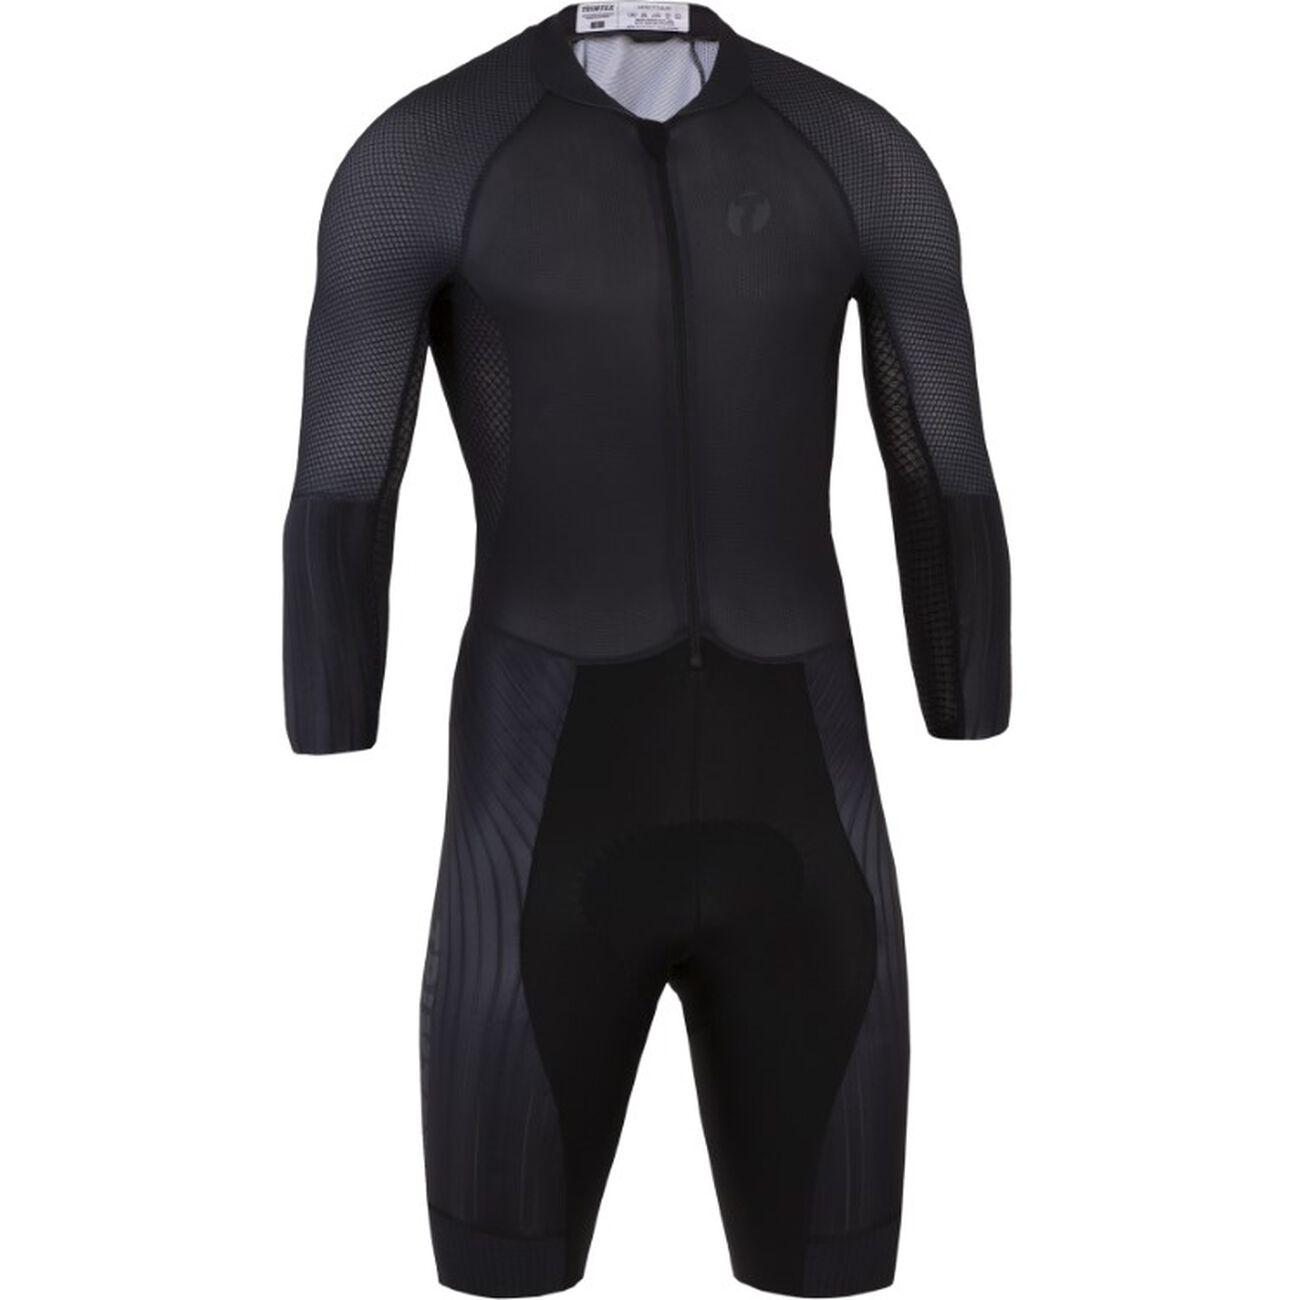 Aero TT-Suit